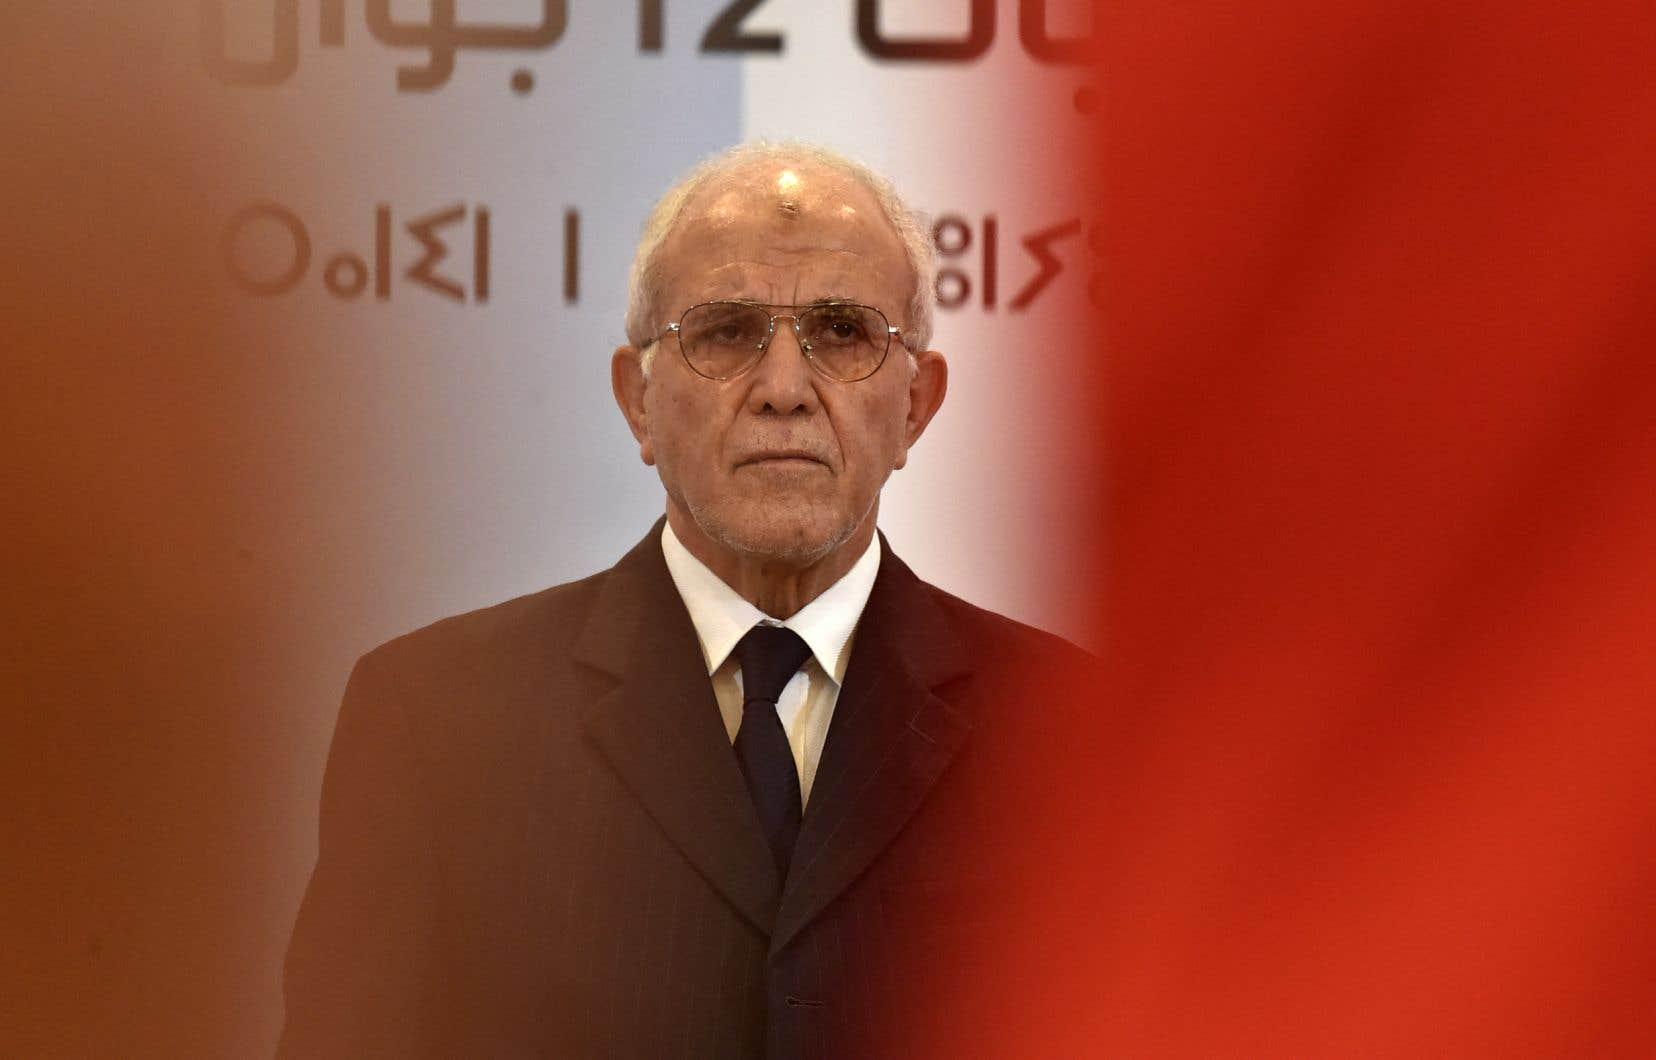 Le président de l'Autorité électorale nationale indépendante d'Algérie, Mohamed Chorfi, à annojcé les résultats des élections législatives lors d'une conférence de presse.